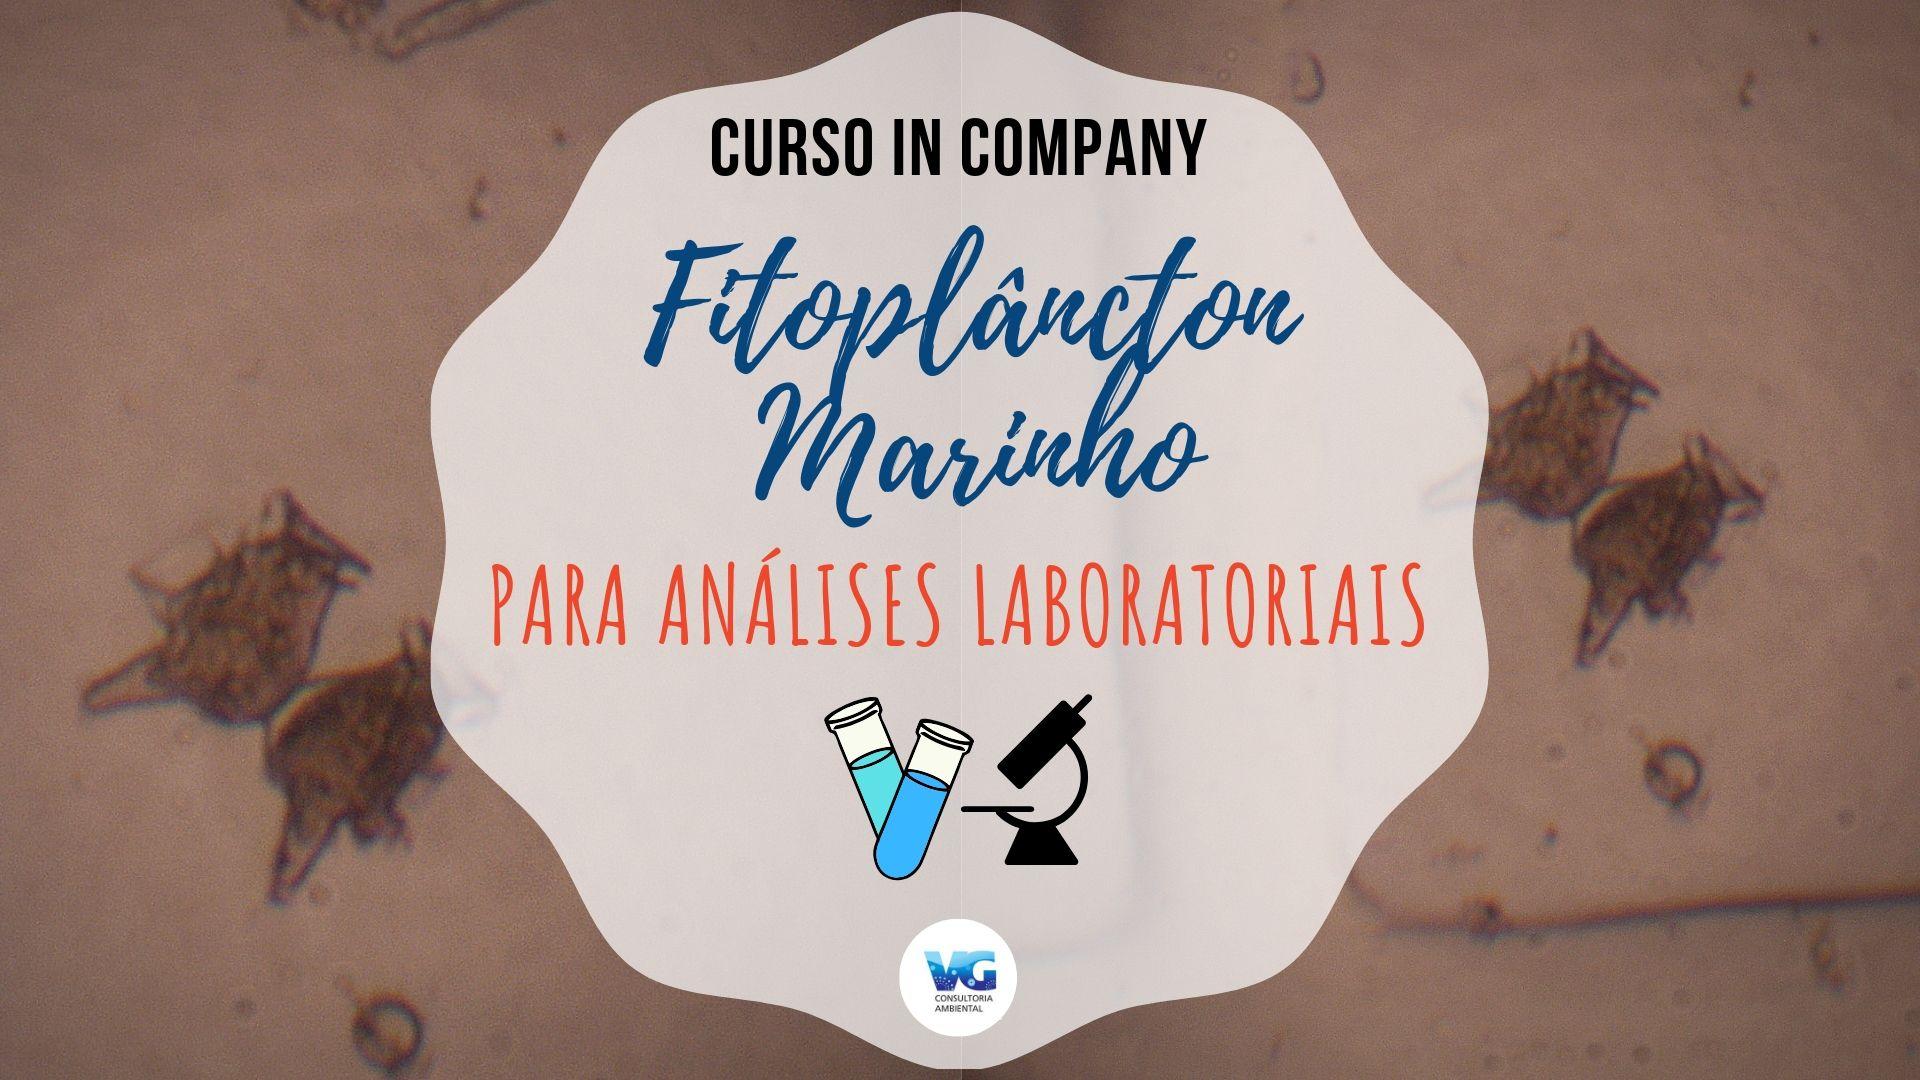 analises-laboratoriais-fito-marinho-incompany